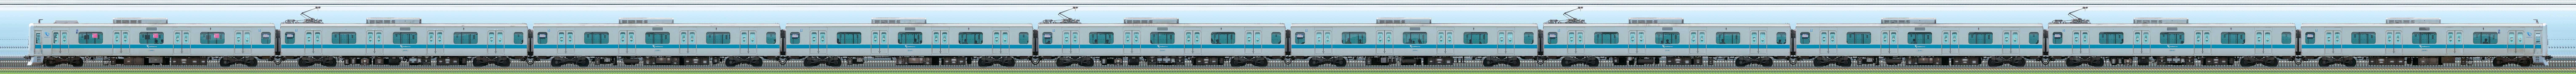 小田急3000形3091×10(海側)の編成サイドビュー